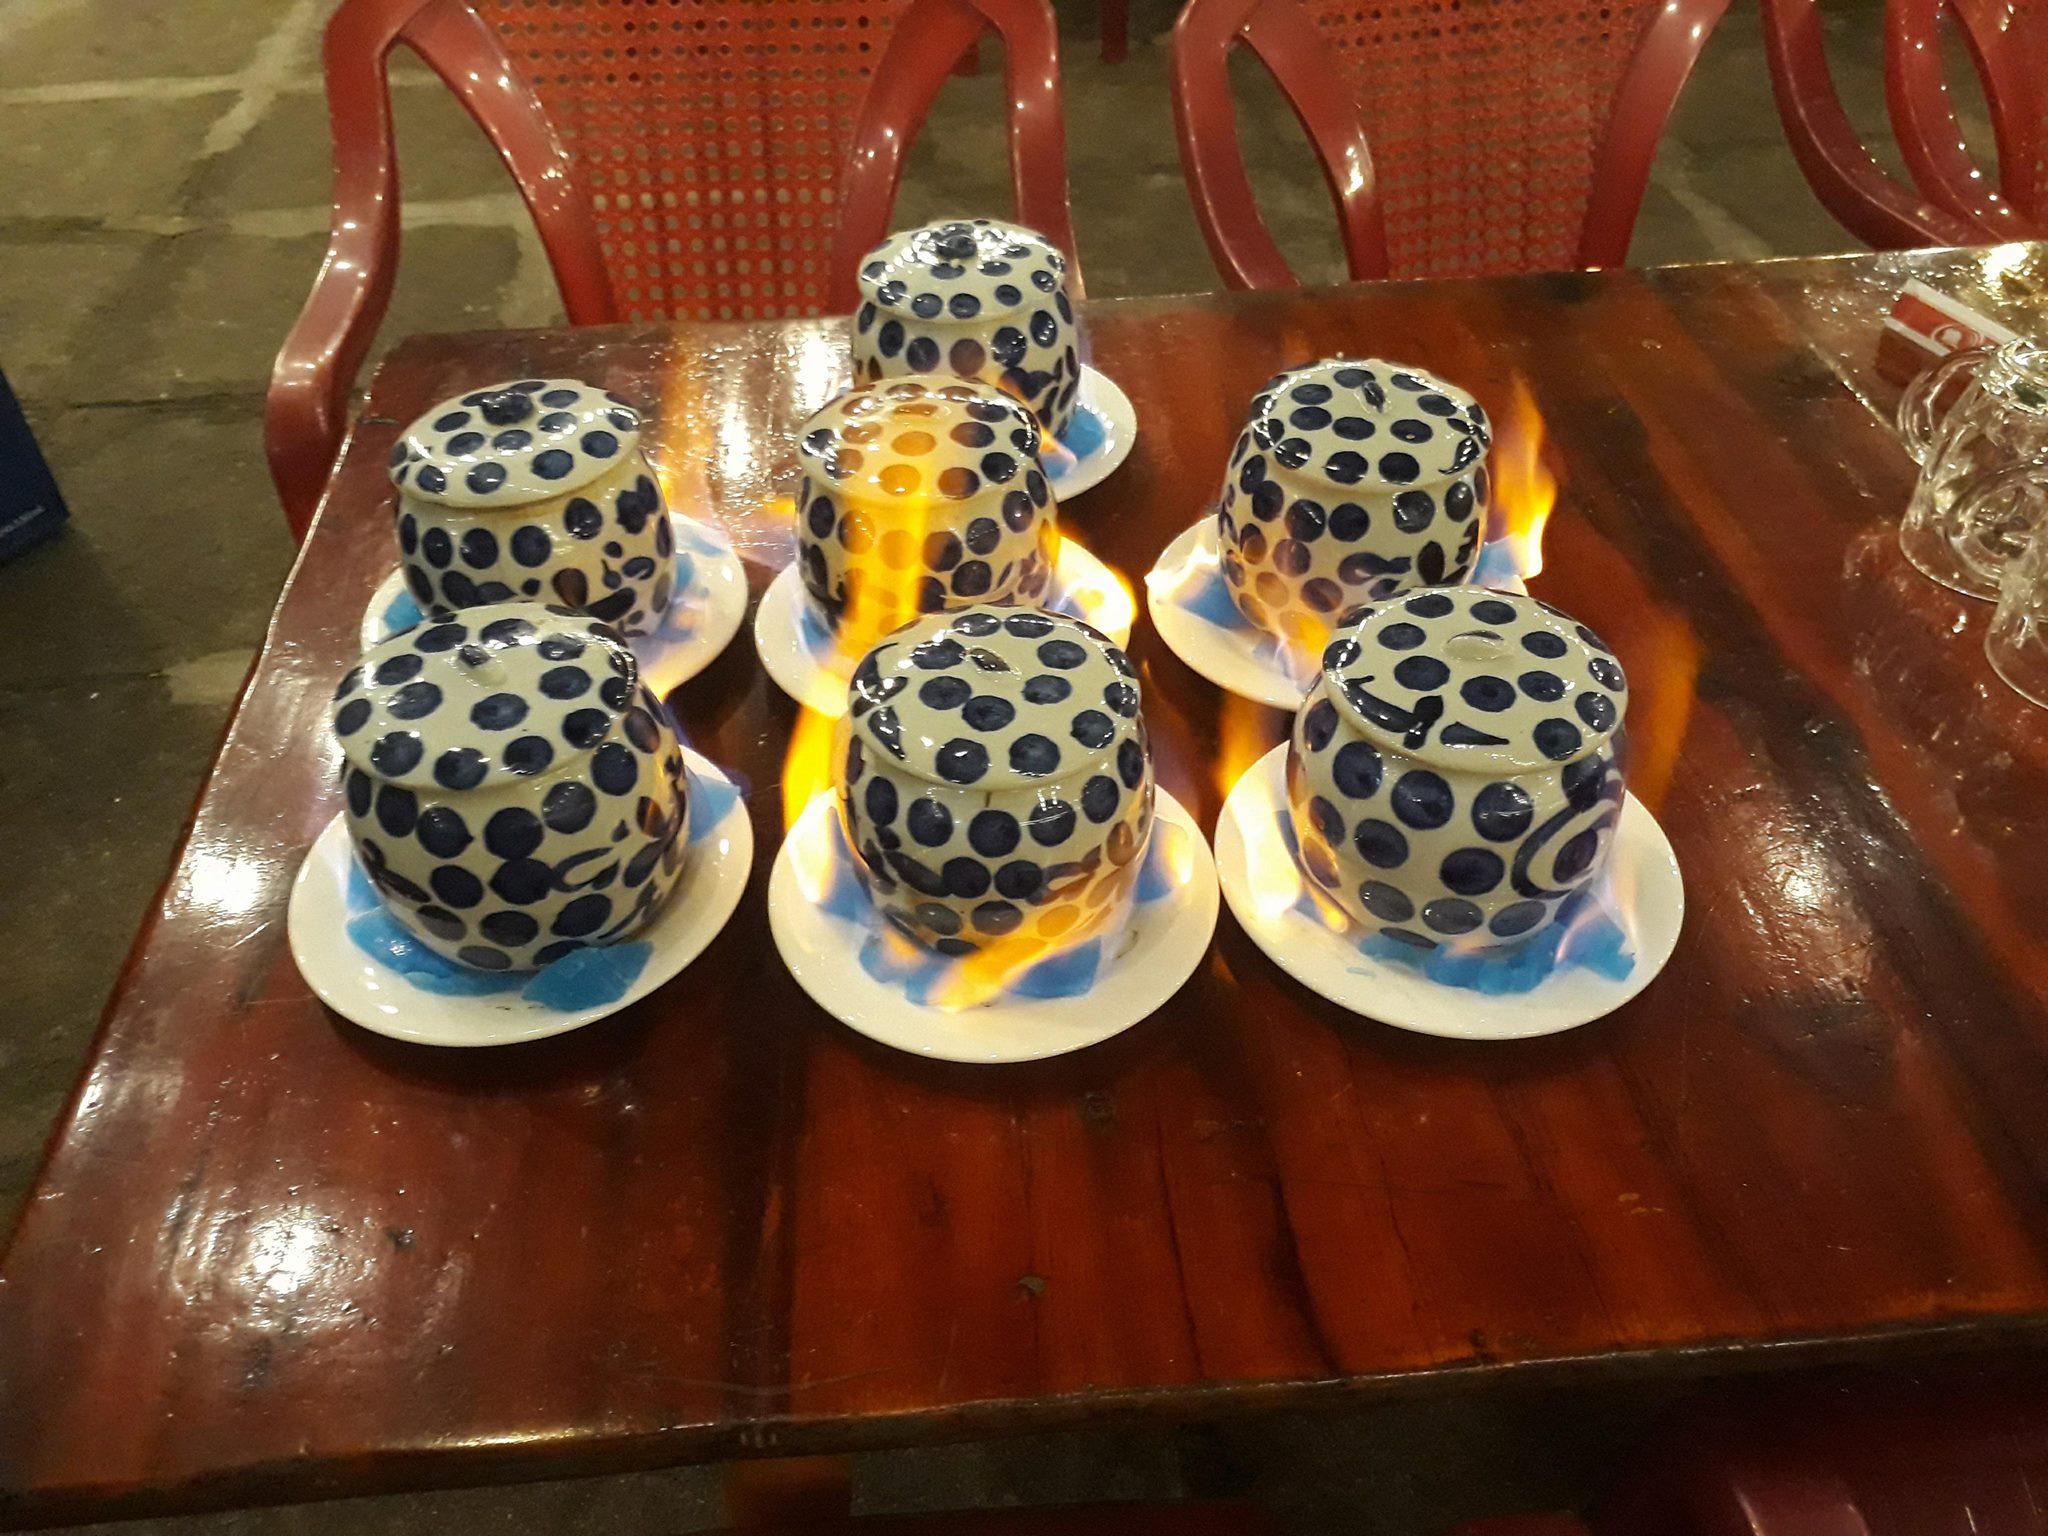 Mắt cá ngừ đại dương - món ăn không thể thiếu tại các quán hải sản ngon ở Phú Yên